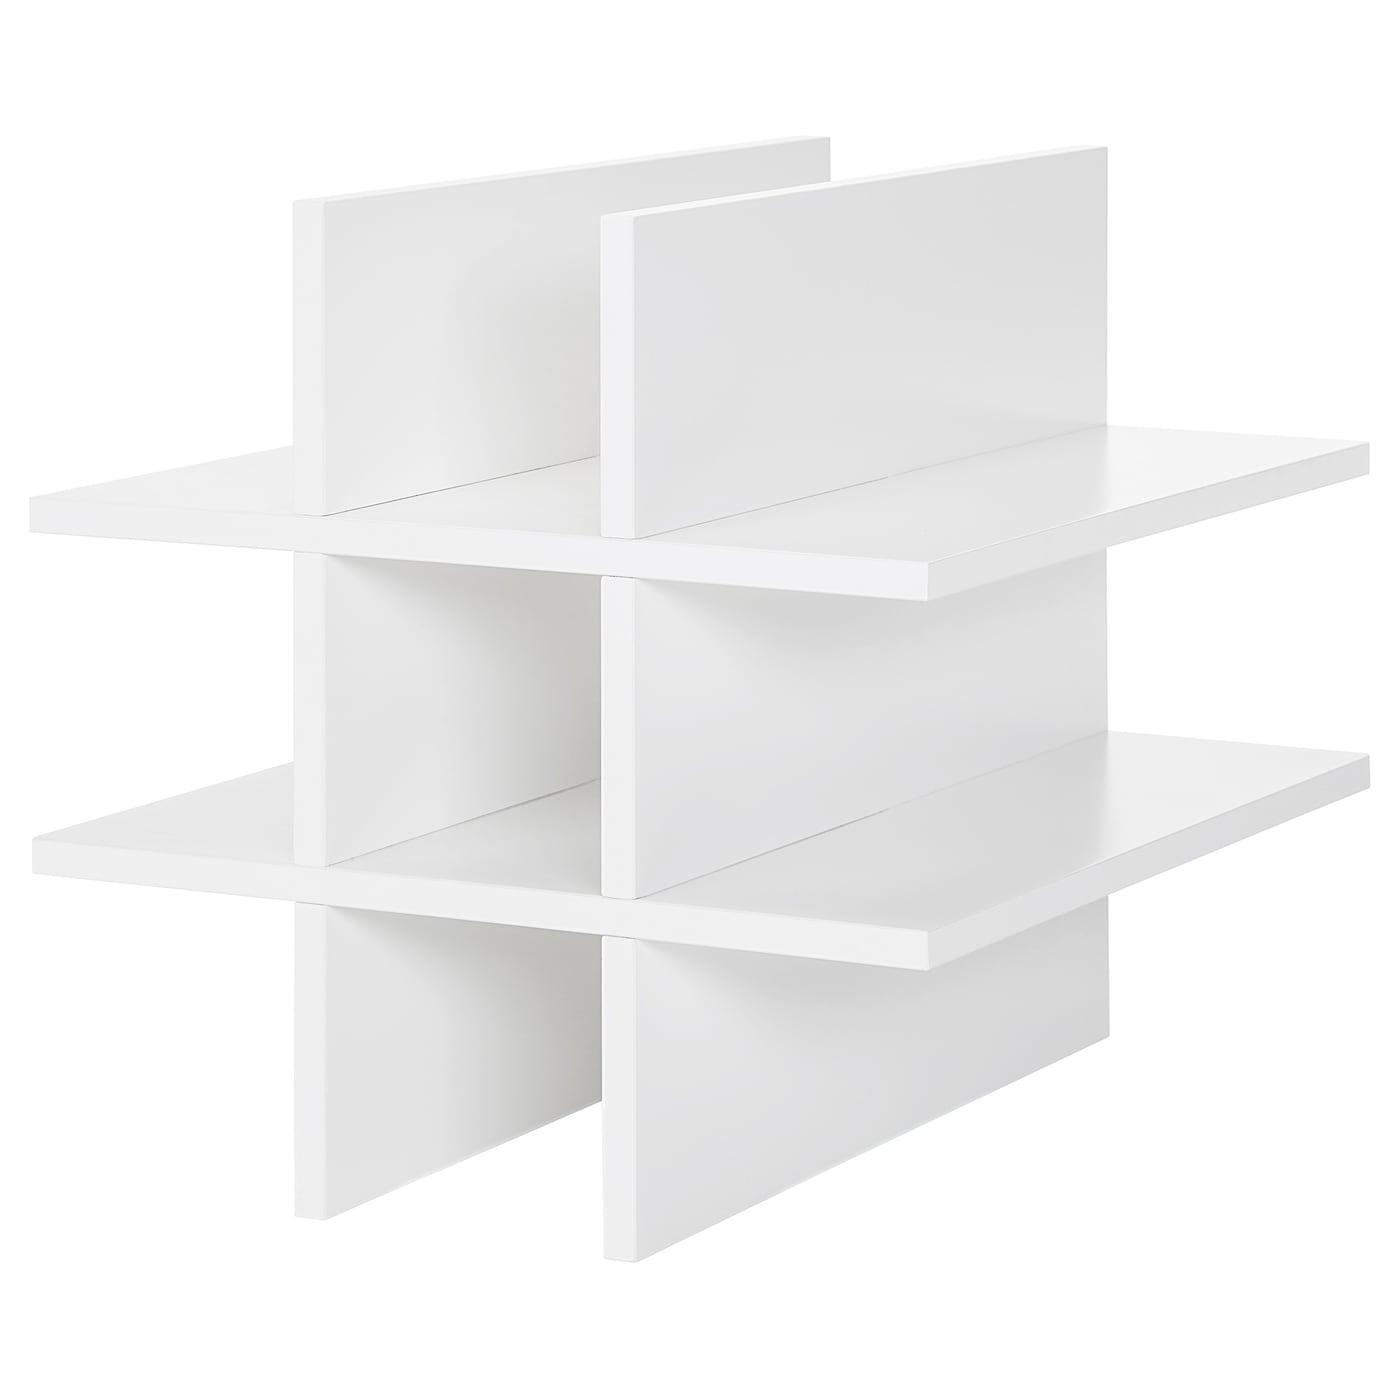 Kallax Insert For Bottles White Ikea